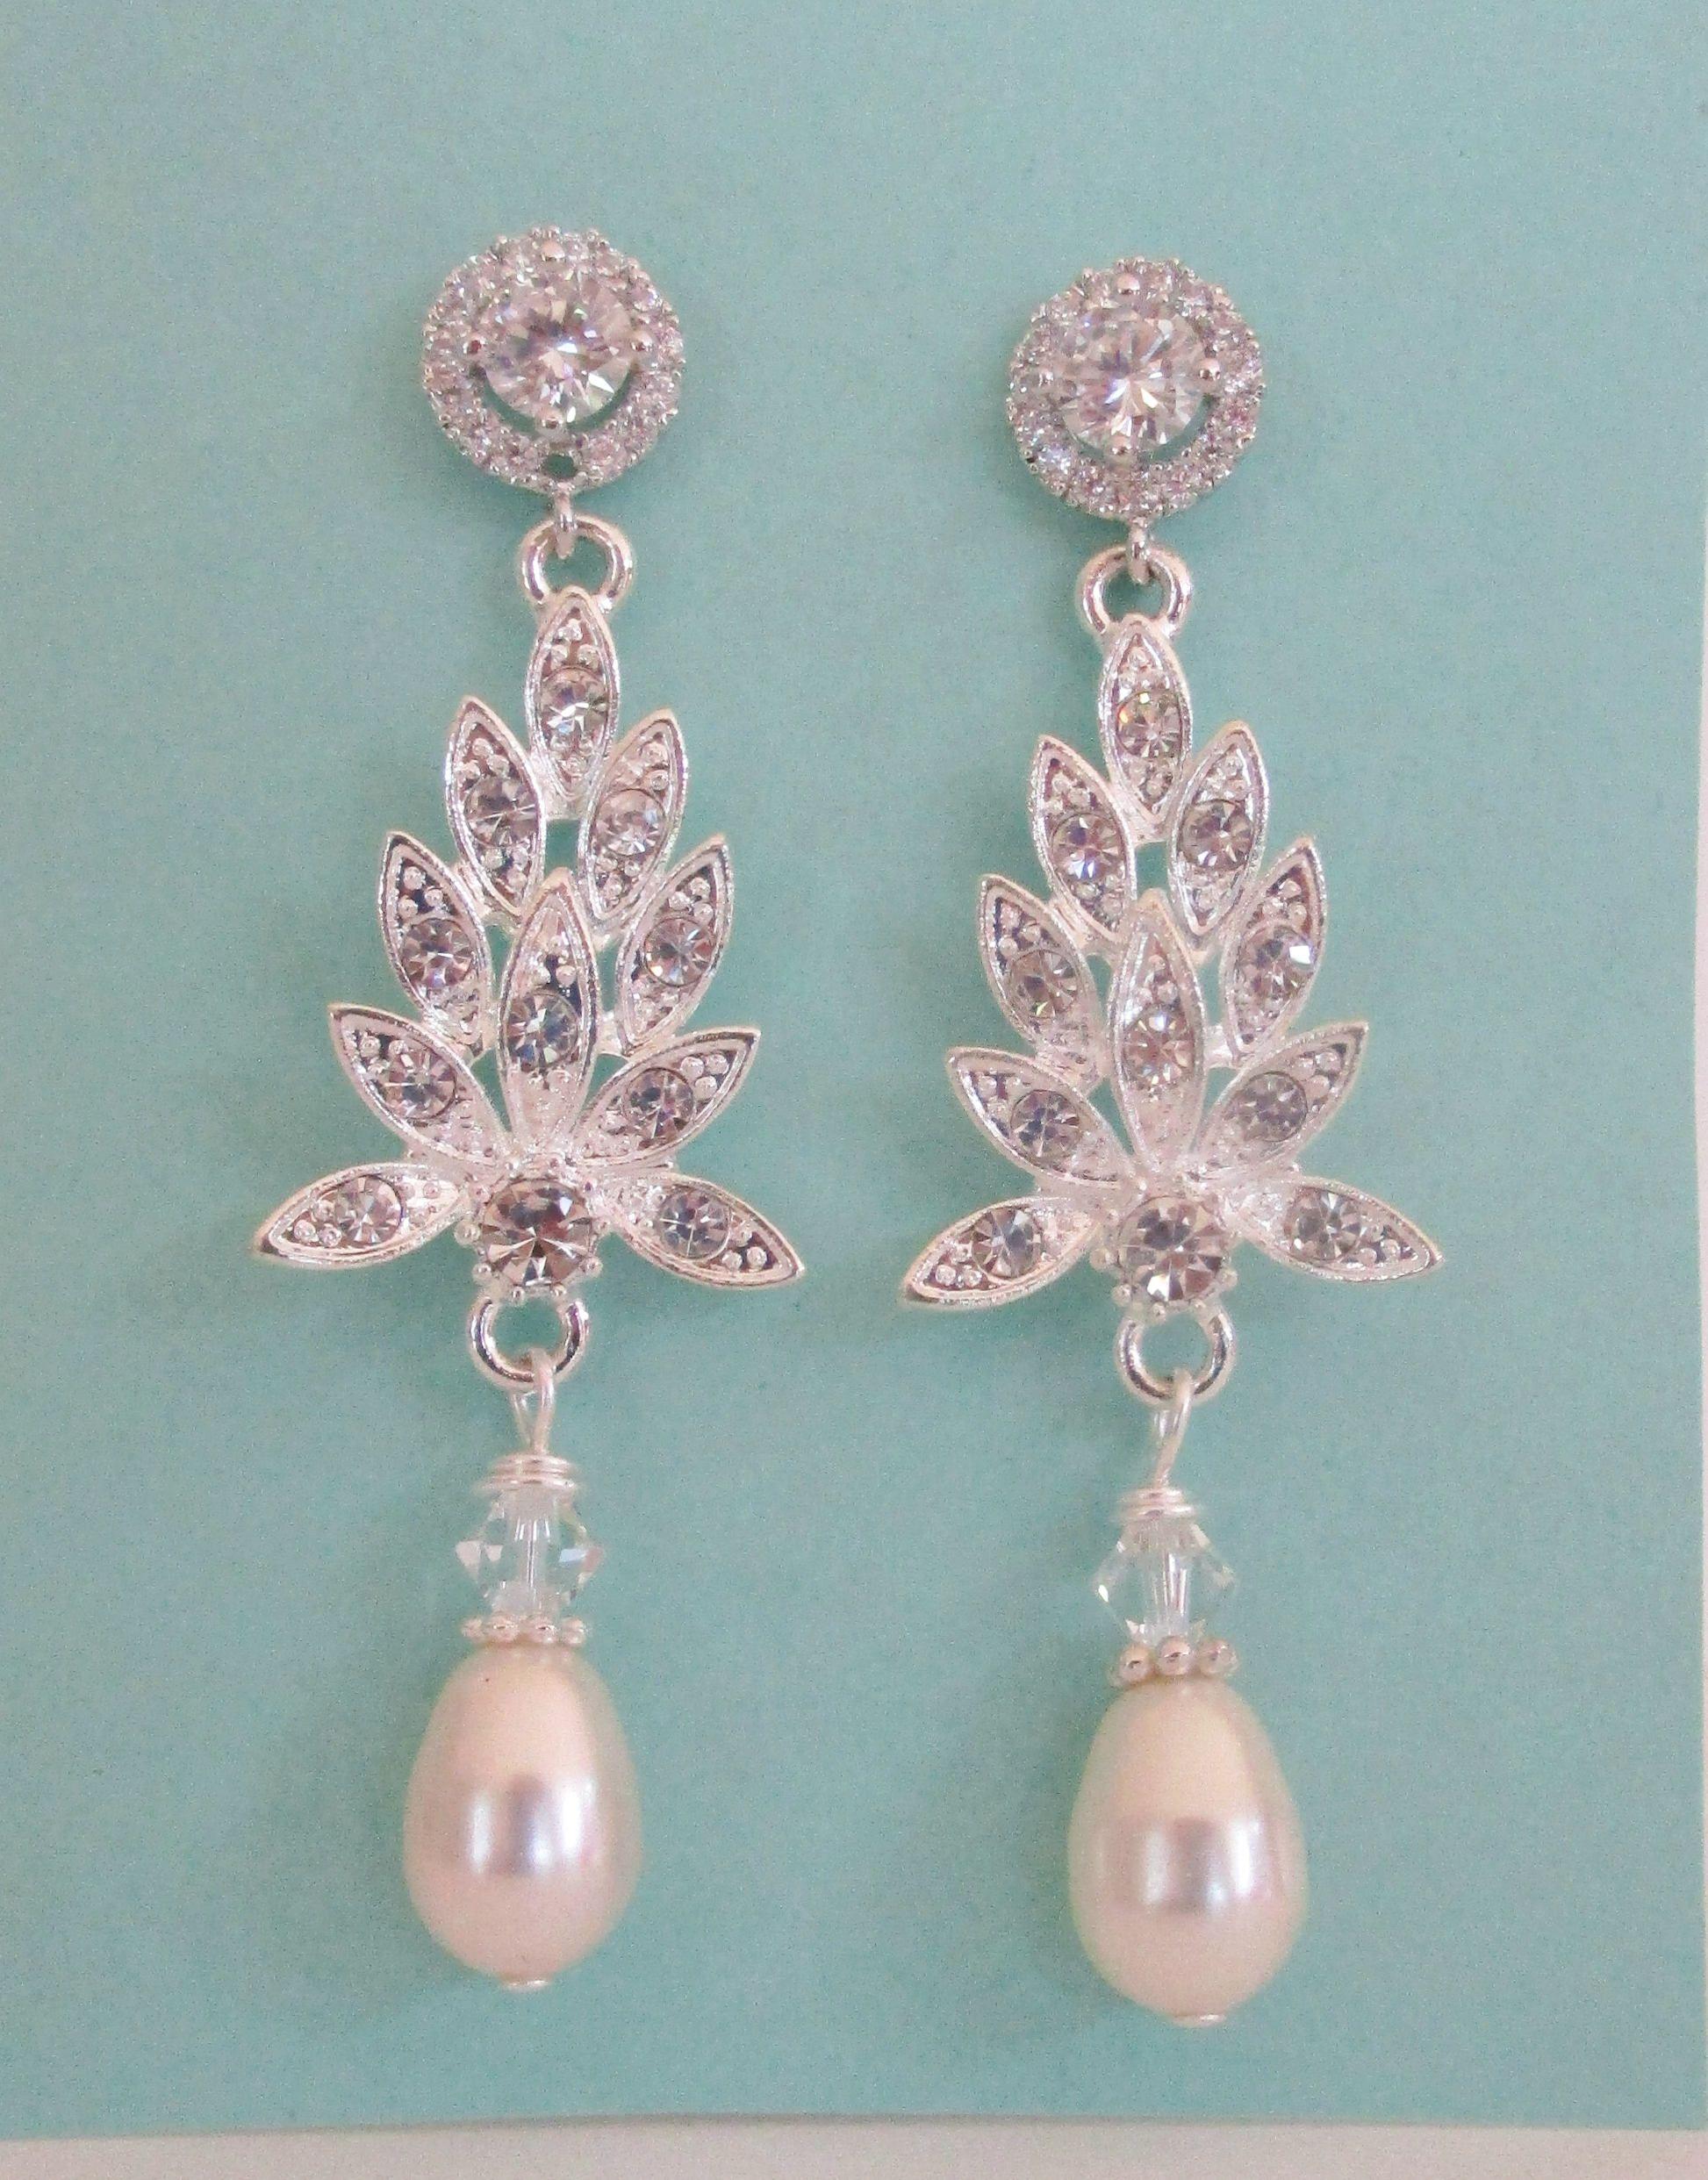 Chandelier bridal earrings pearl earrings cubic zirconia bridal chandelier bridal earrings pearl earrings cubic zirconia bridal earrings chandelier earrings long arubaitofo Images